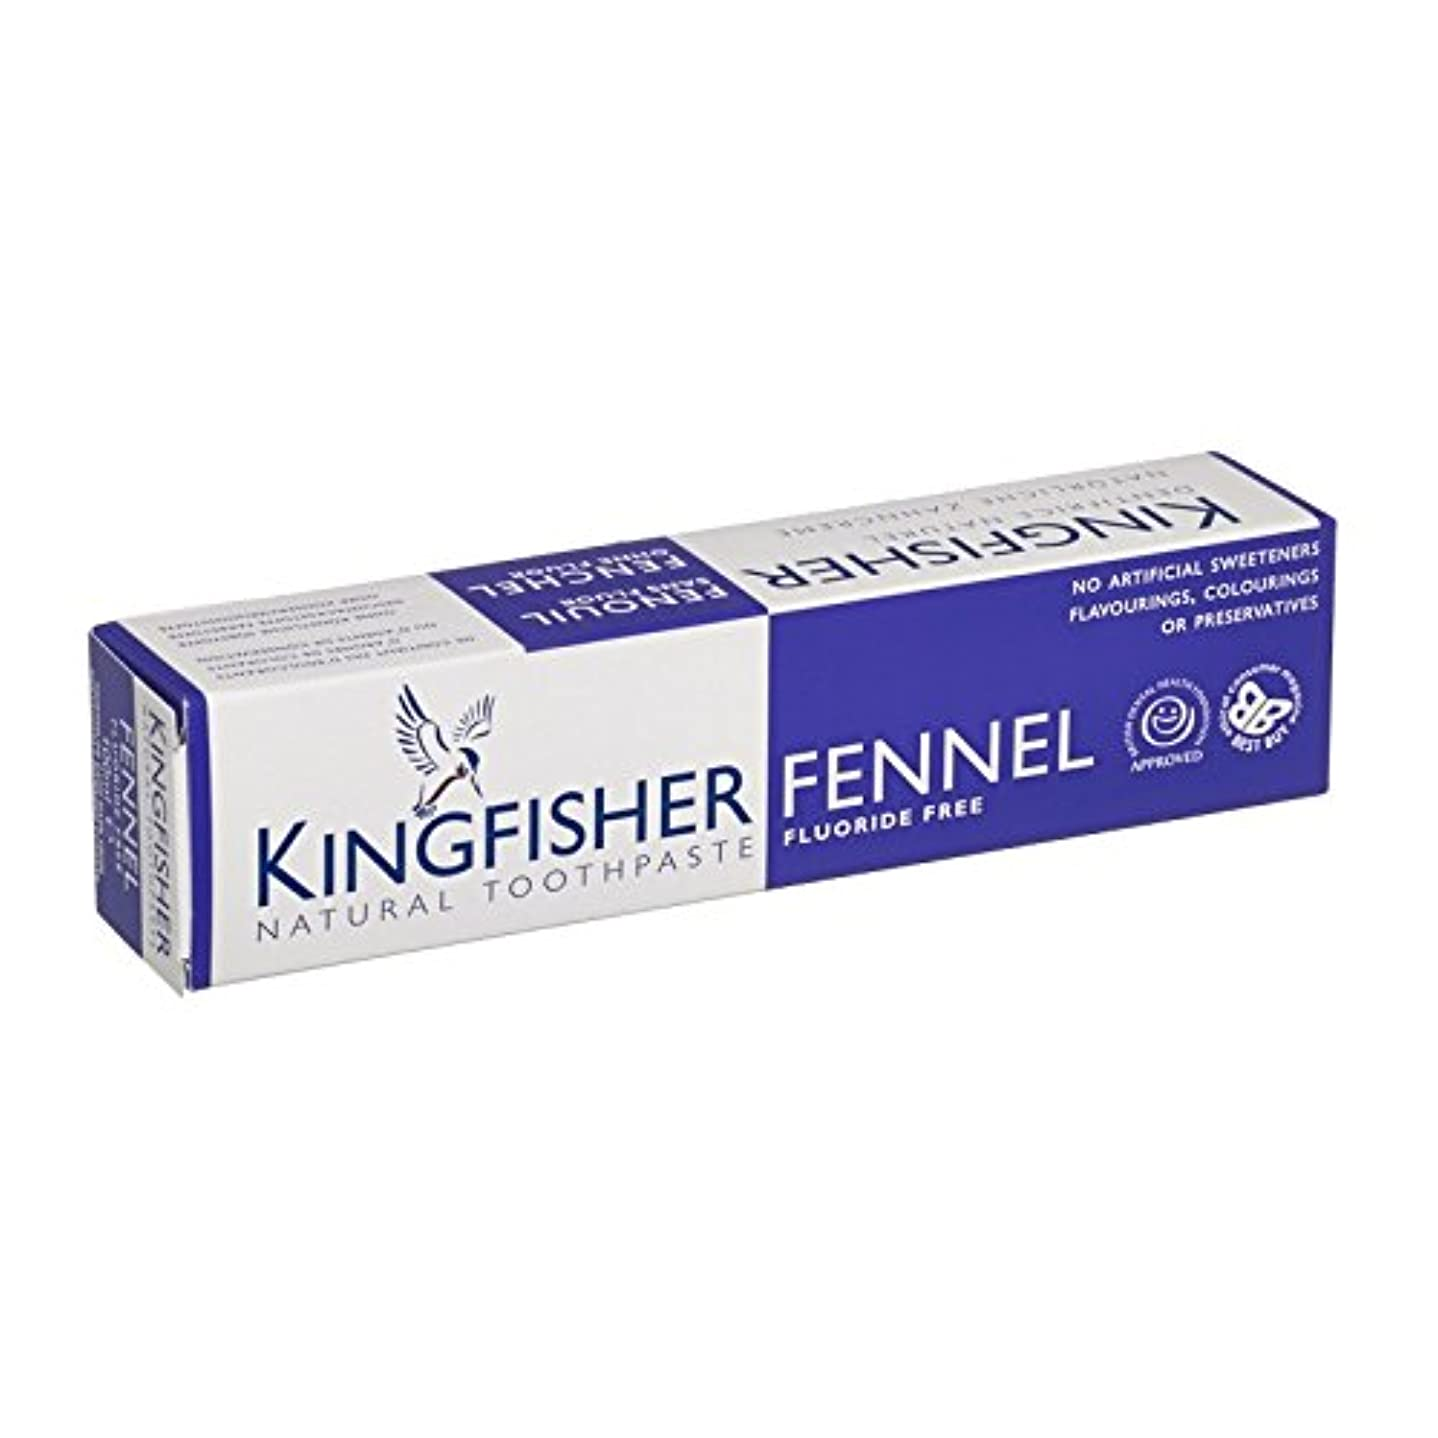 文化出費キャプションカワセミフッ化物無料ウイキョウ歯磨き粉 - Kingfisher Fluoride Free Fennel Toothpaste (Kingfisher) [並行輸入品]